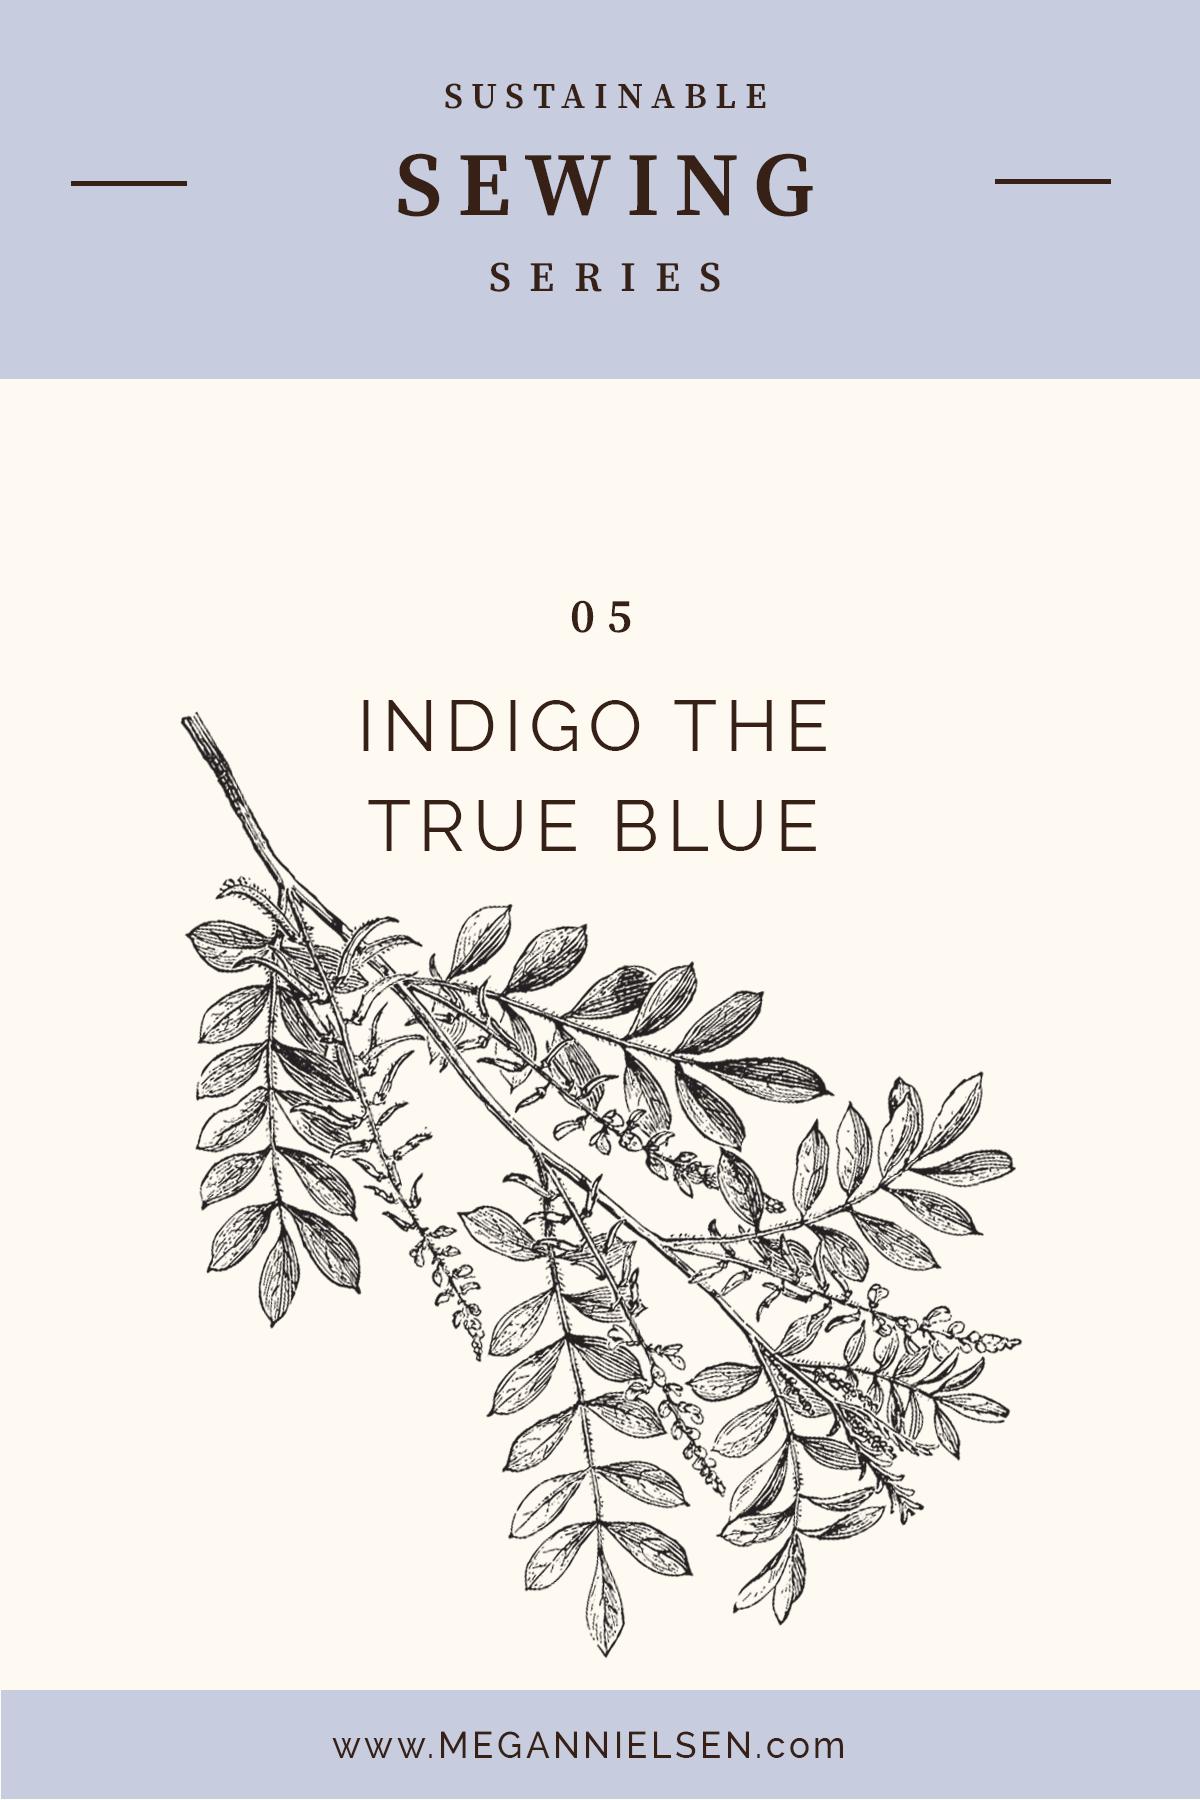 INDIGO THE TRUE BLUE